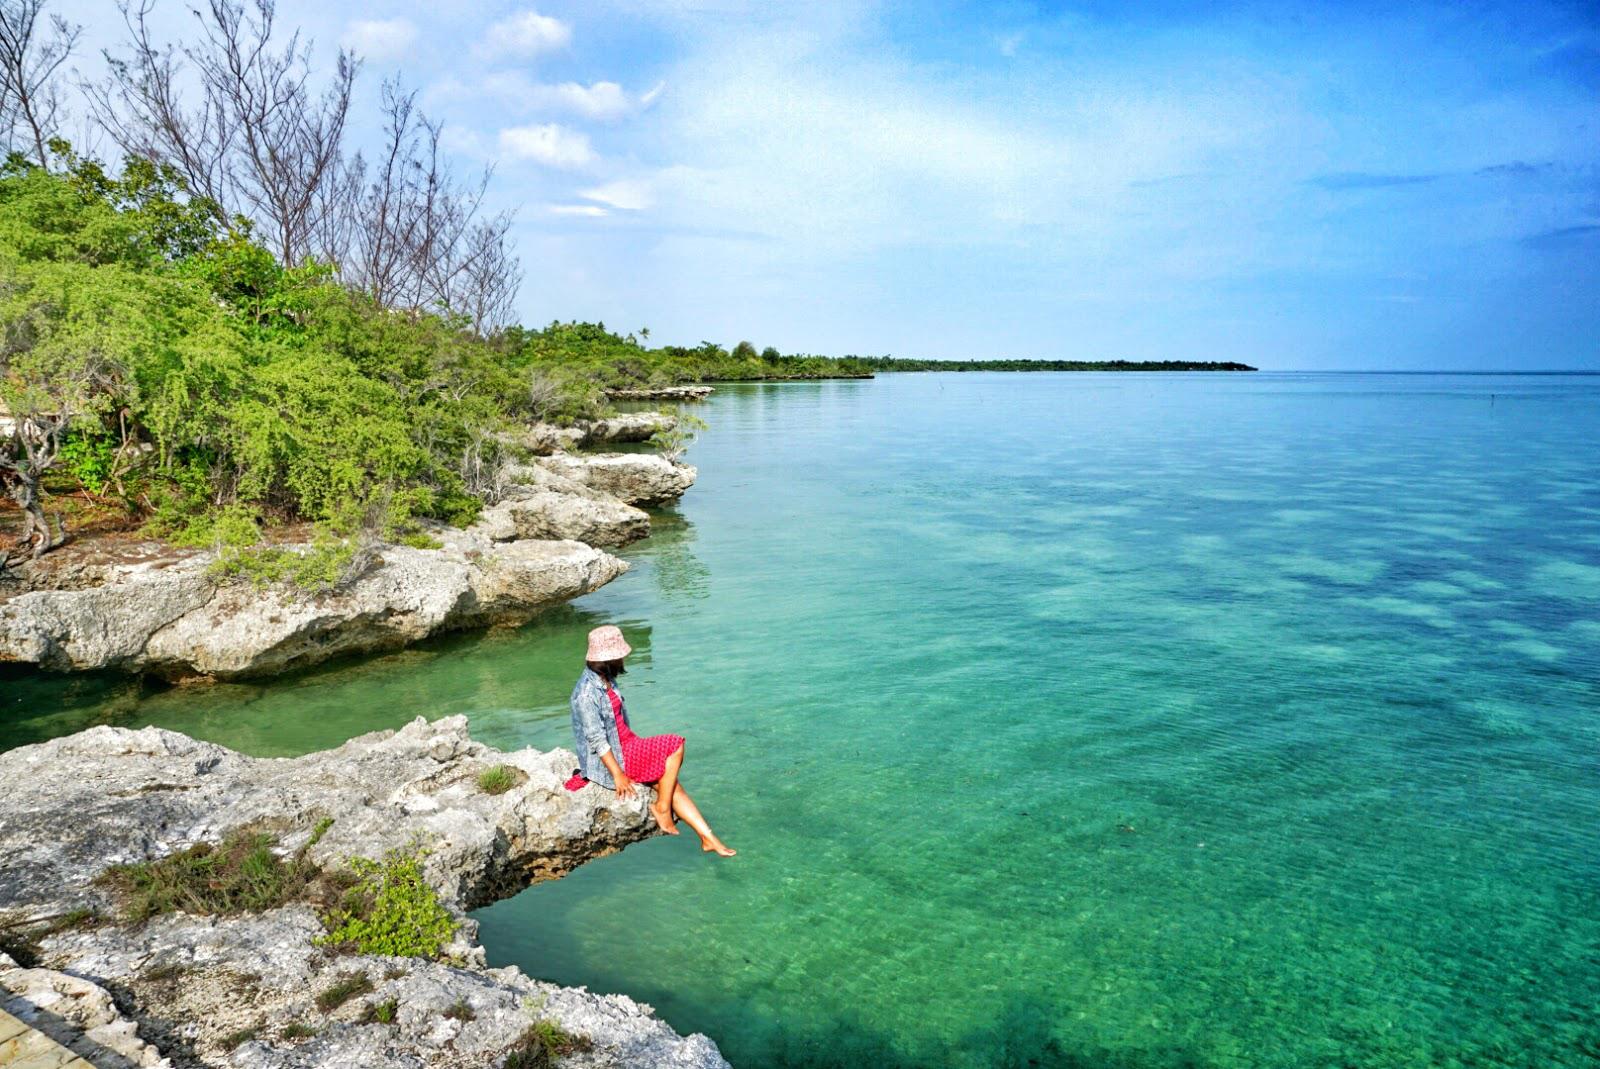 pulau wakatobi hoga manis cewek suka menyelam dan diving